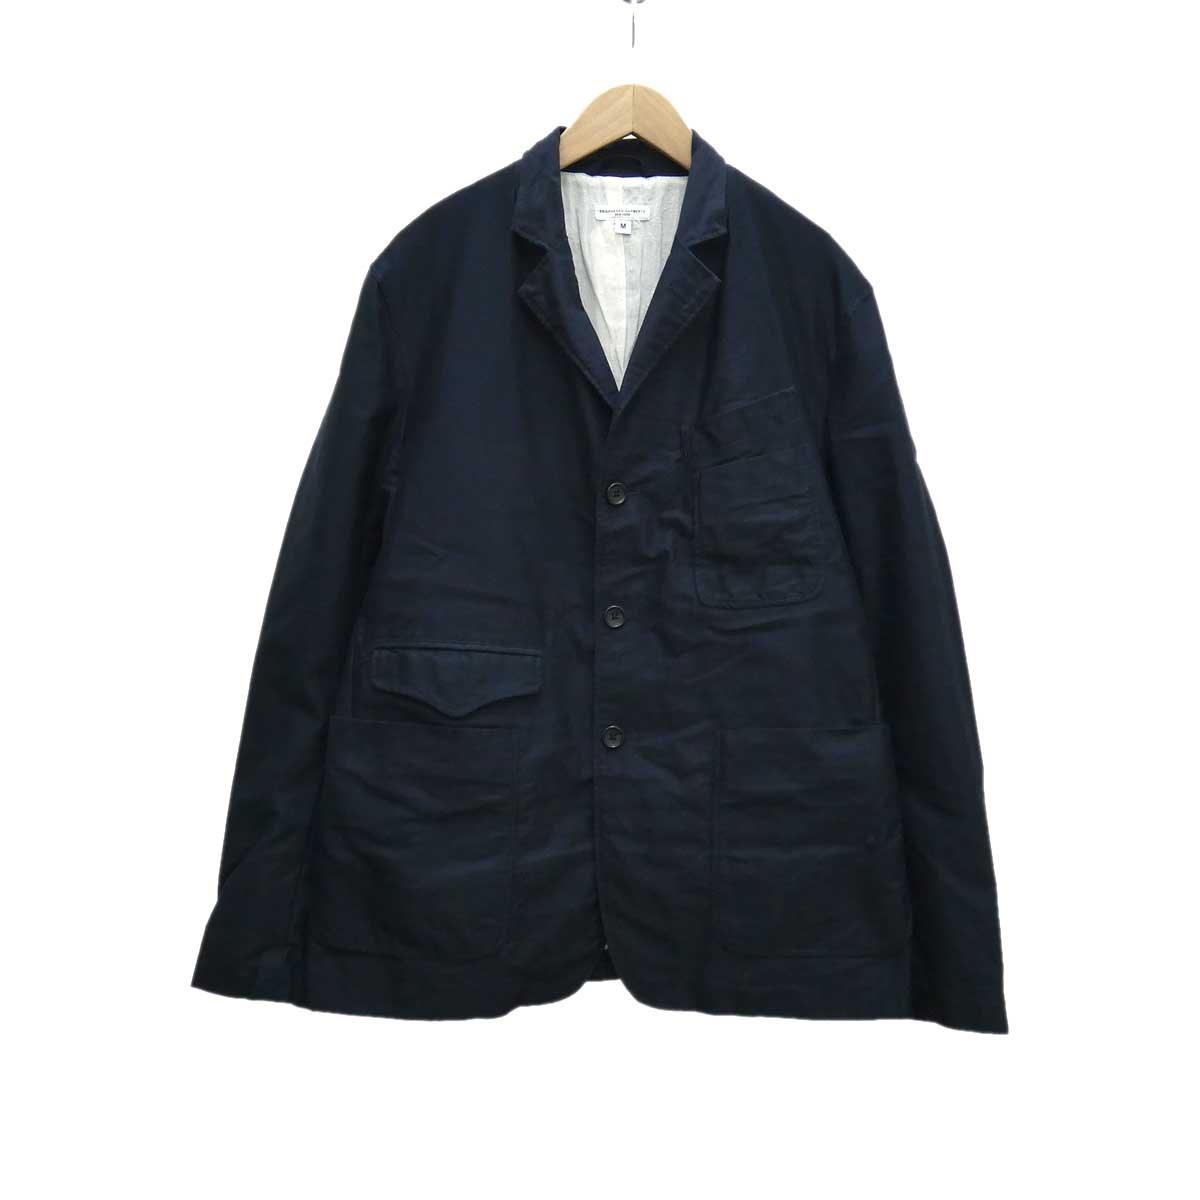 【中古】Engineered Garments Truman Jacket ネイビー サイズ:M 【130420】(エンジニアードガーメンツ)